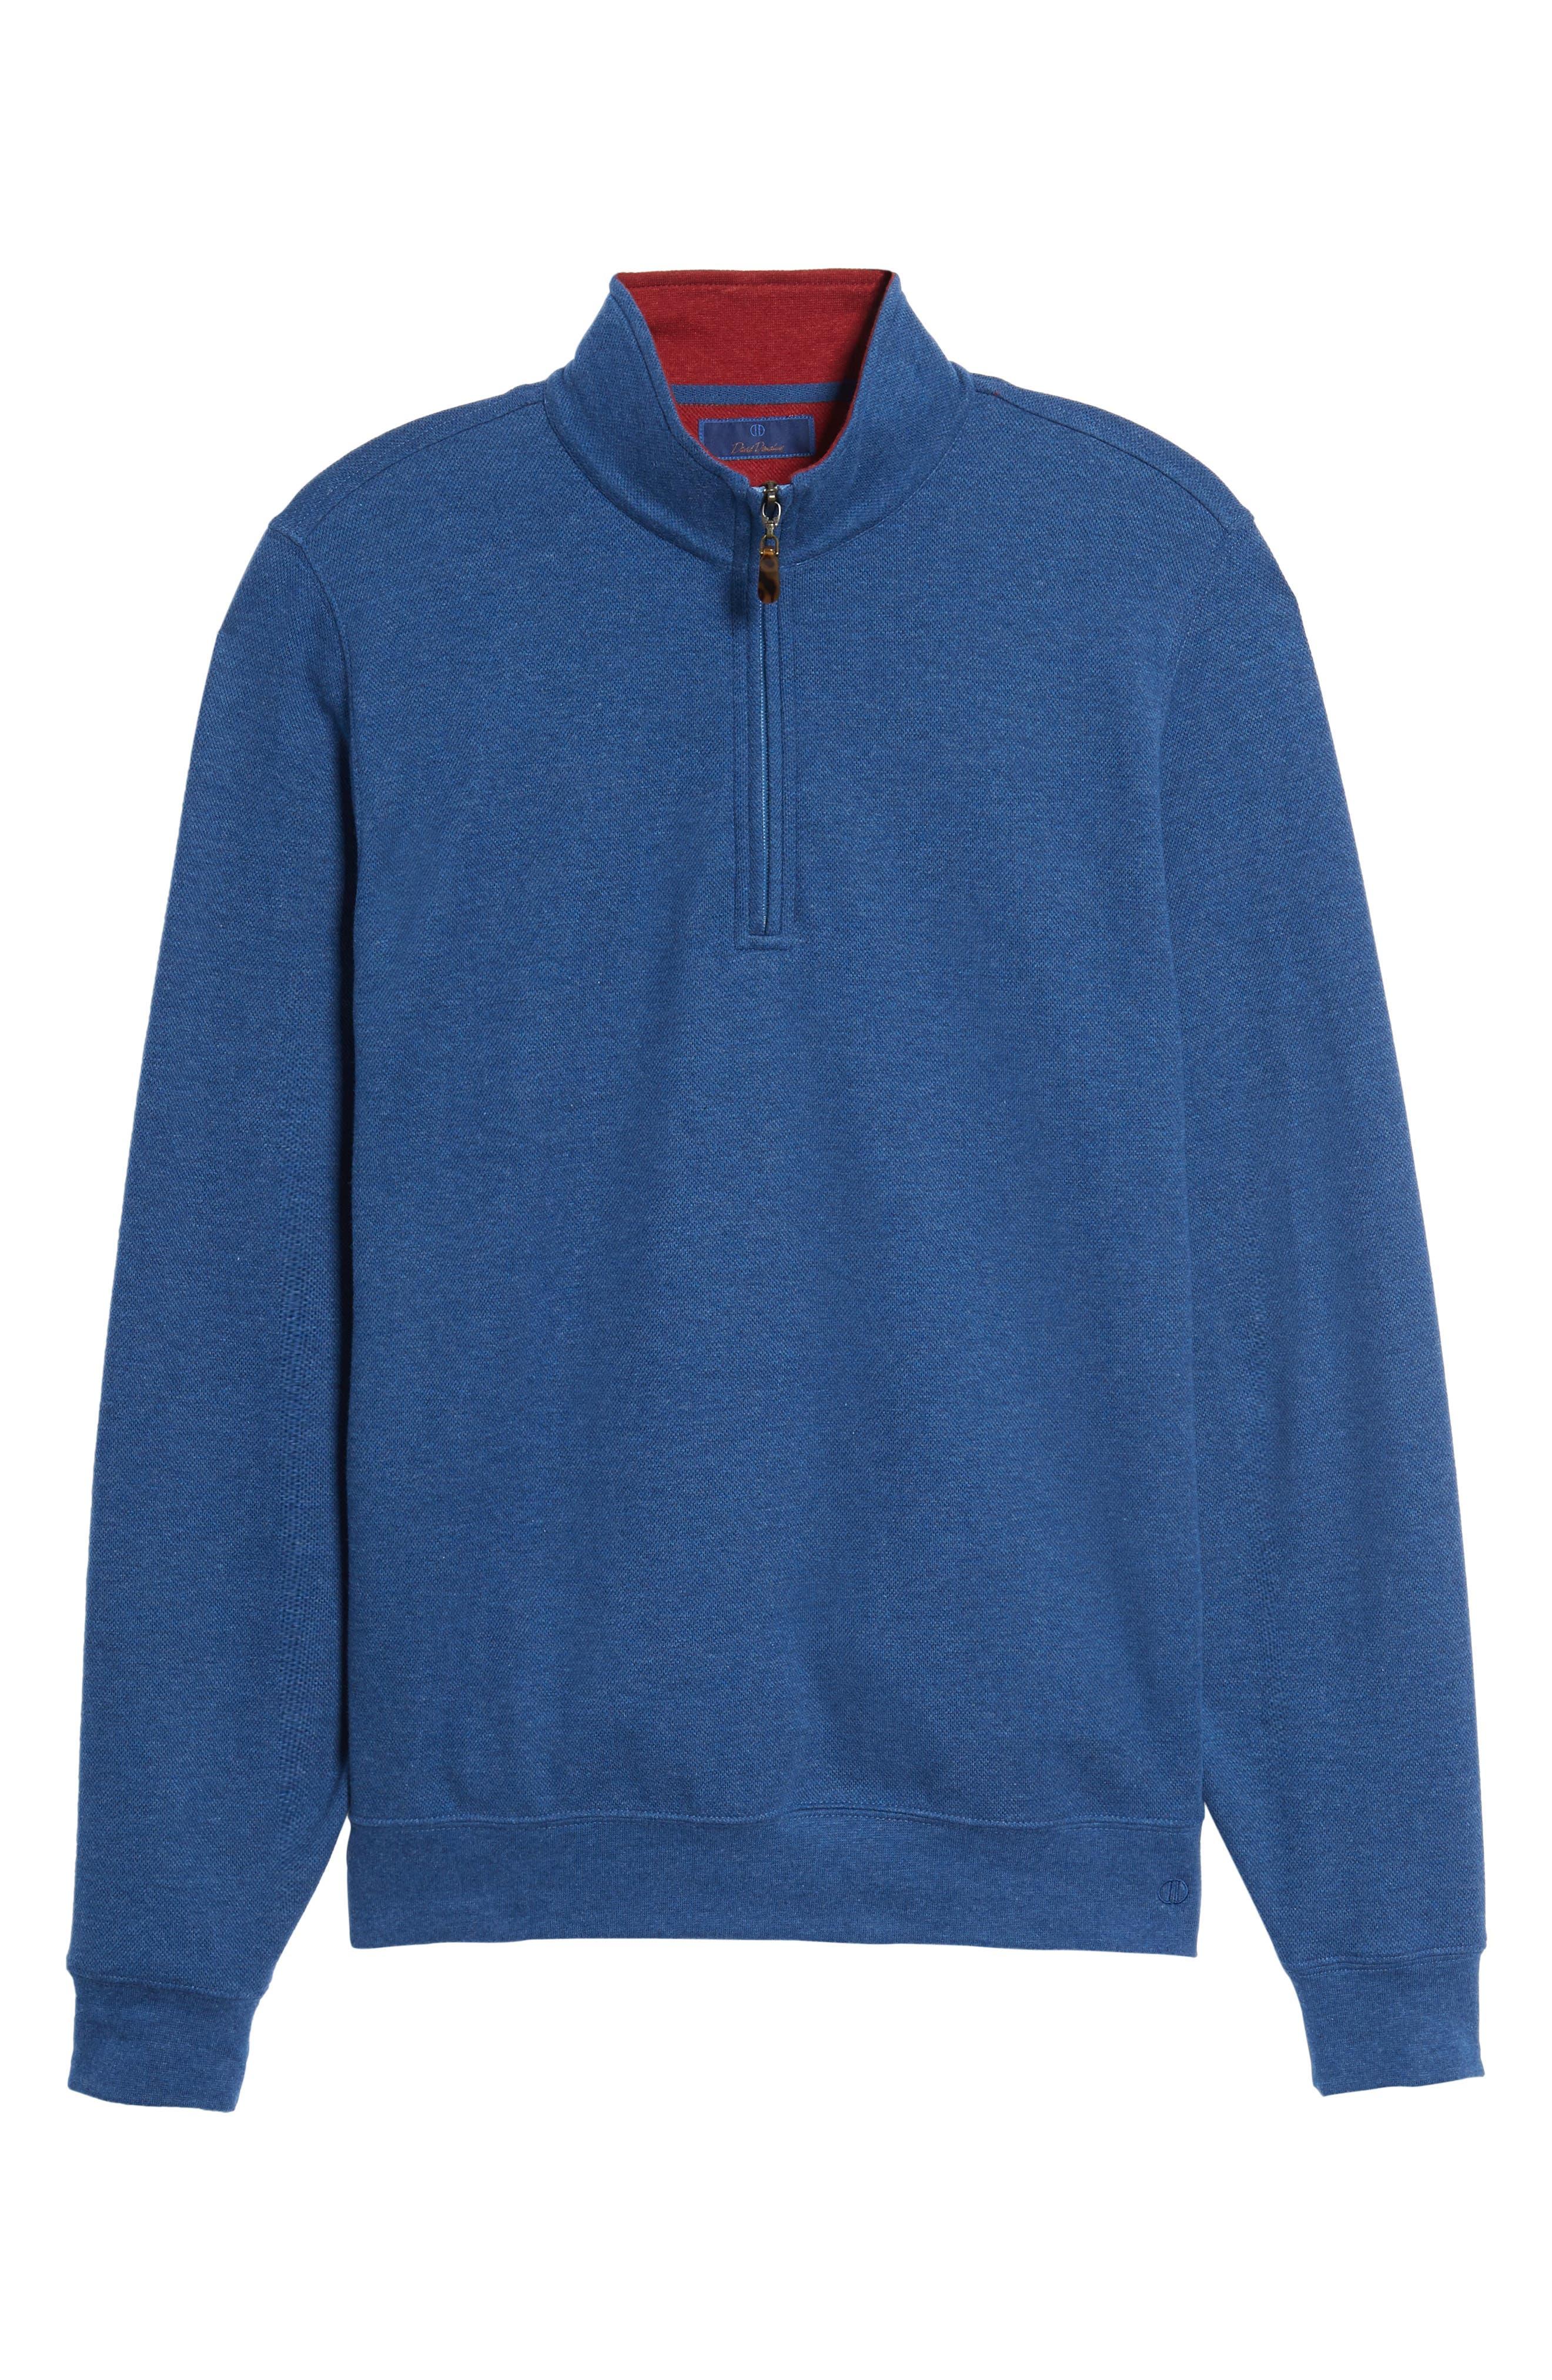 Mélange Quarter Zip Pullover,                             Alternate thumbnail 6, color,                             Blue